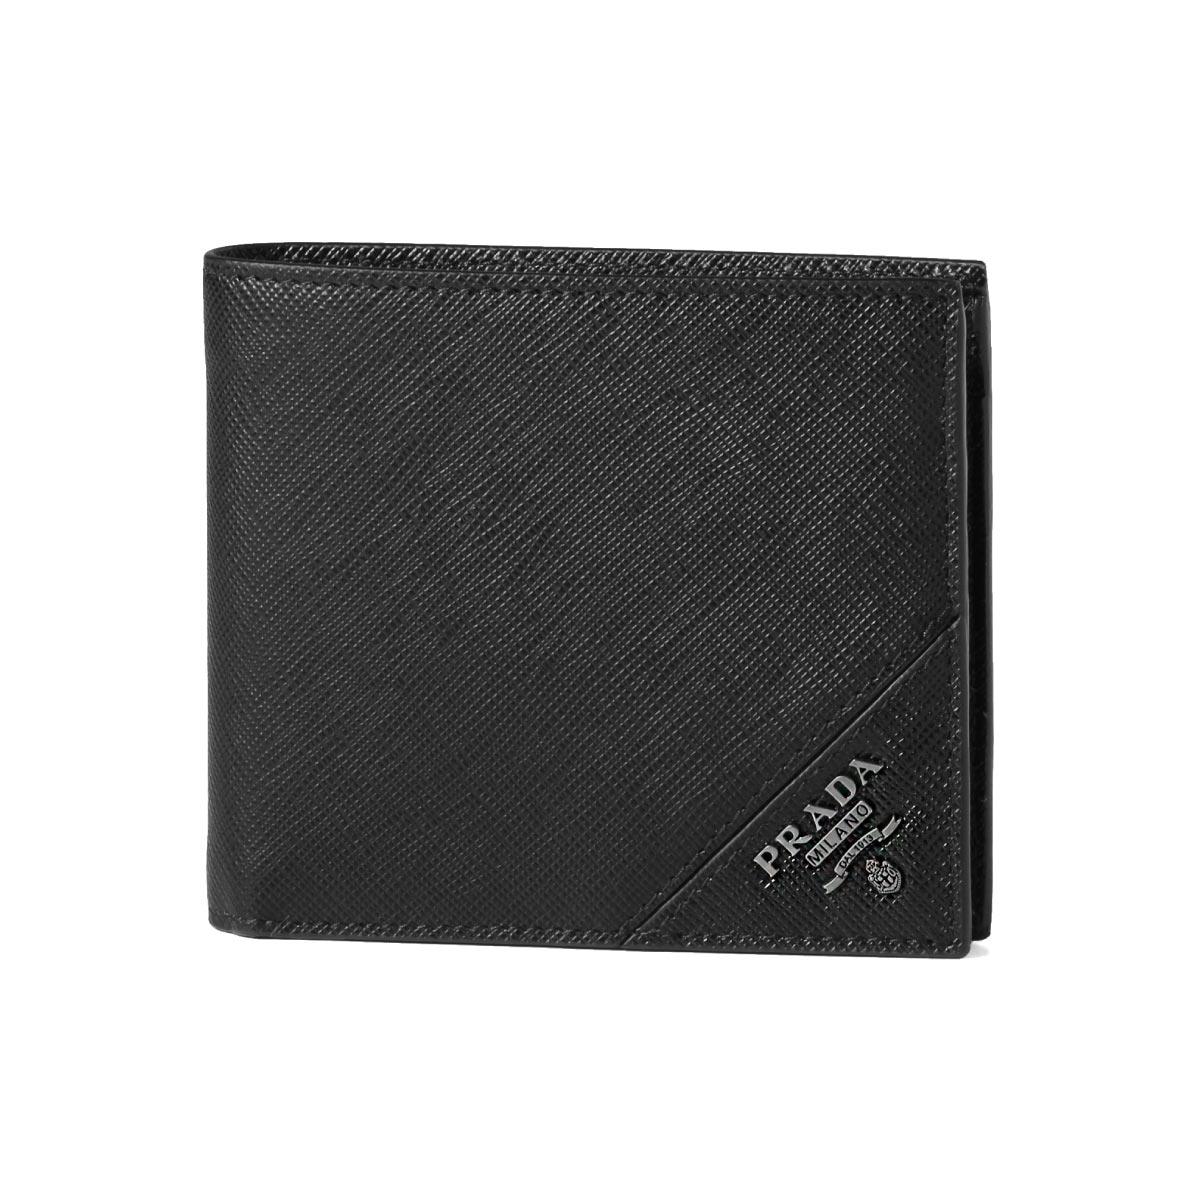 4c0eb9e73595 importshopdouble: Prada PRADA wallet men 2MO738 QME F0002 folio ...